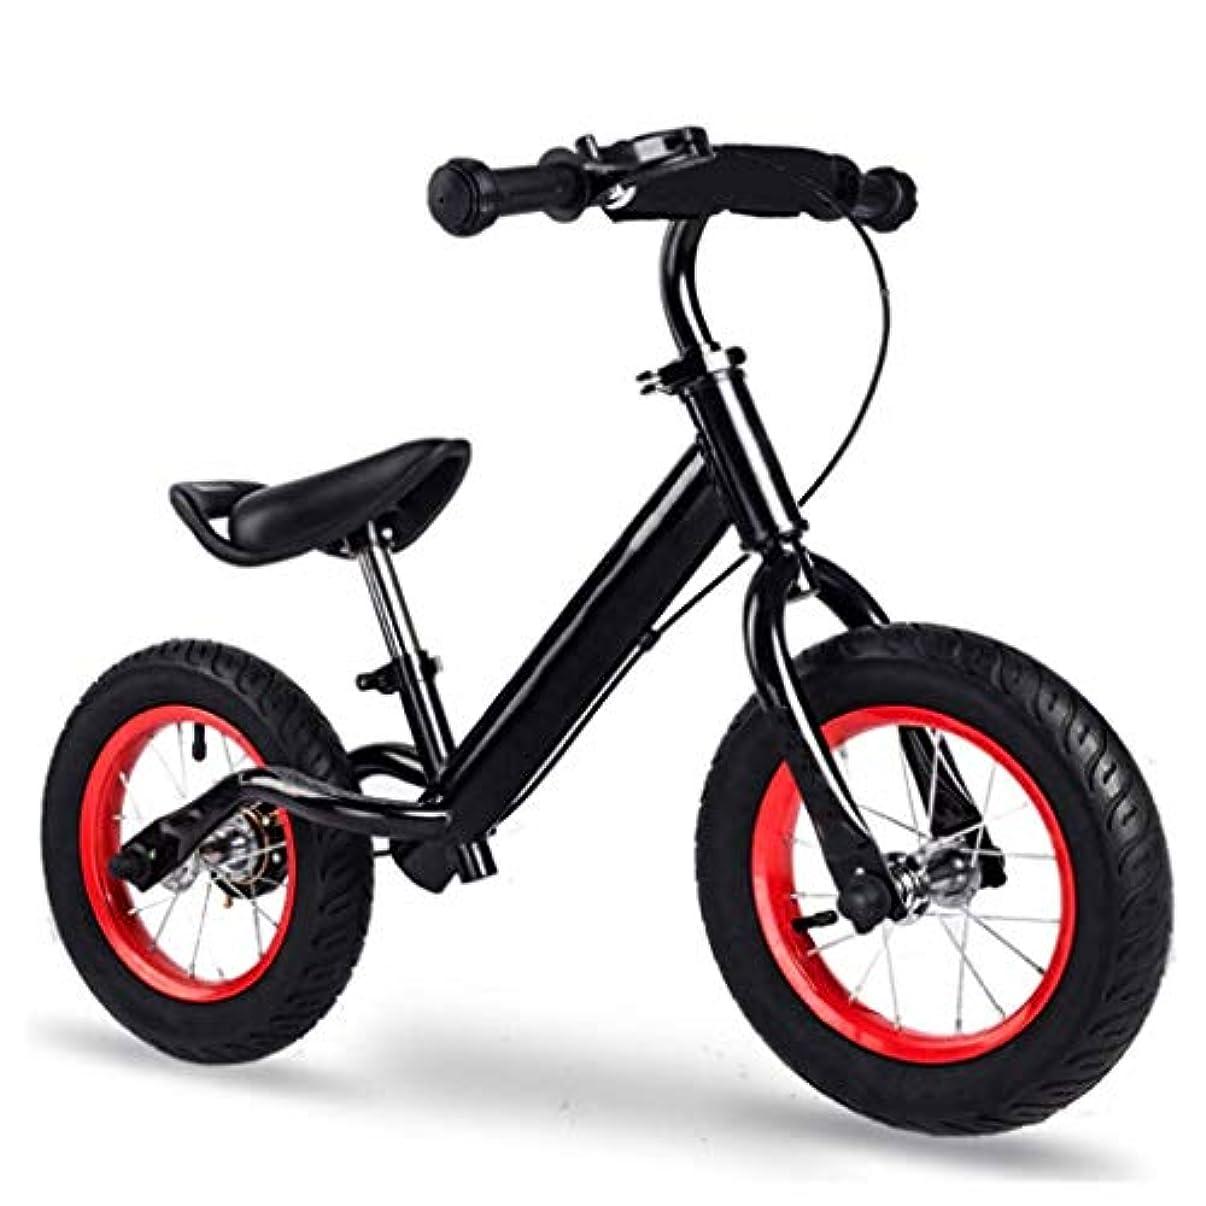 免疫未使用蒸し器子供用バランスバイク軽量カーボンスチールフレームと調整可能なシートを備えたトレーニング自転車を実行するペダルなし ( Color : Black , Size : B )